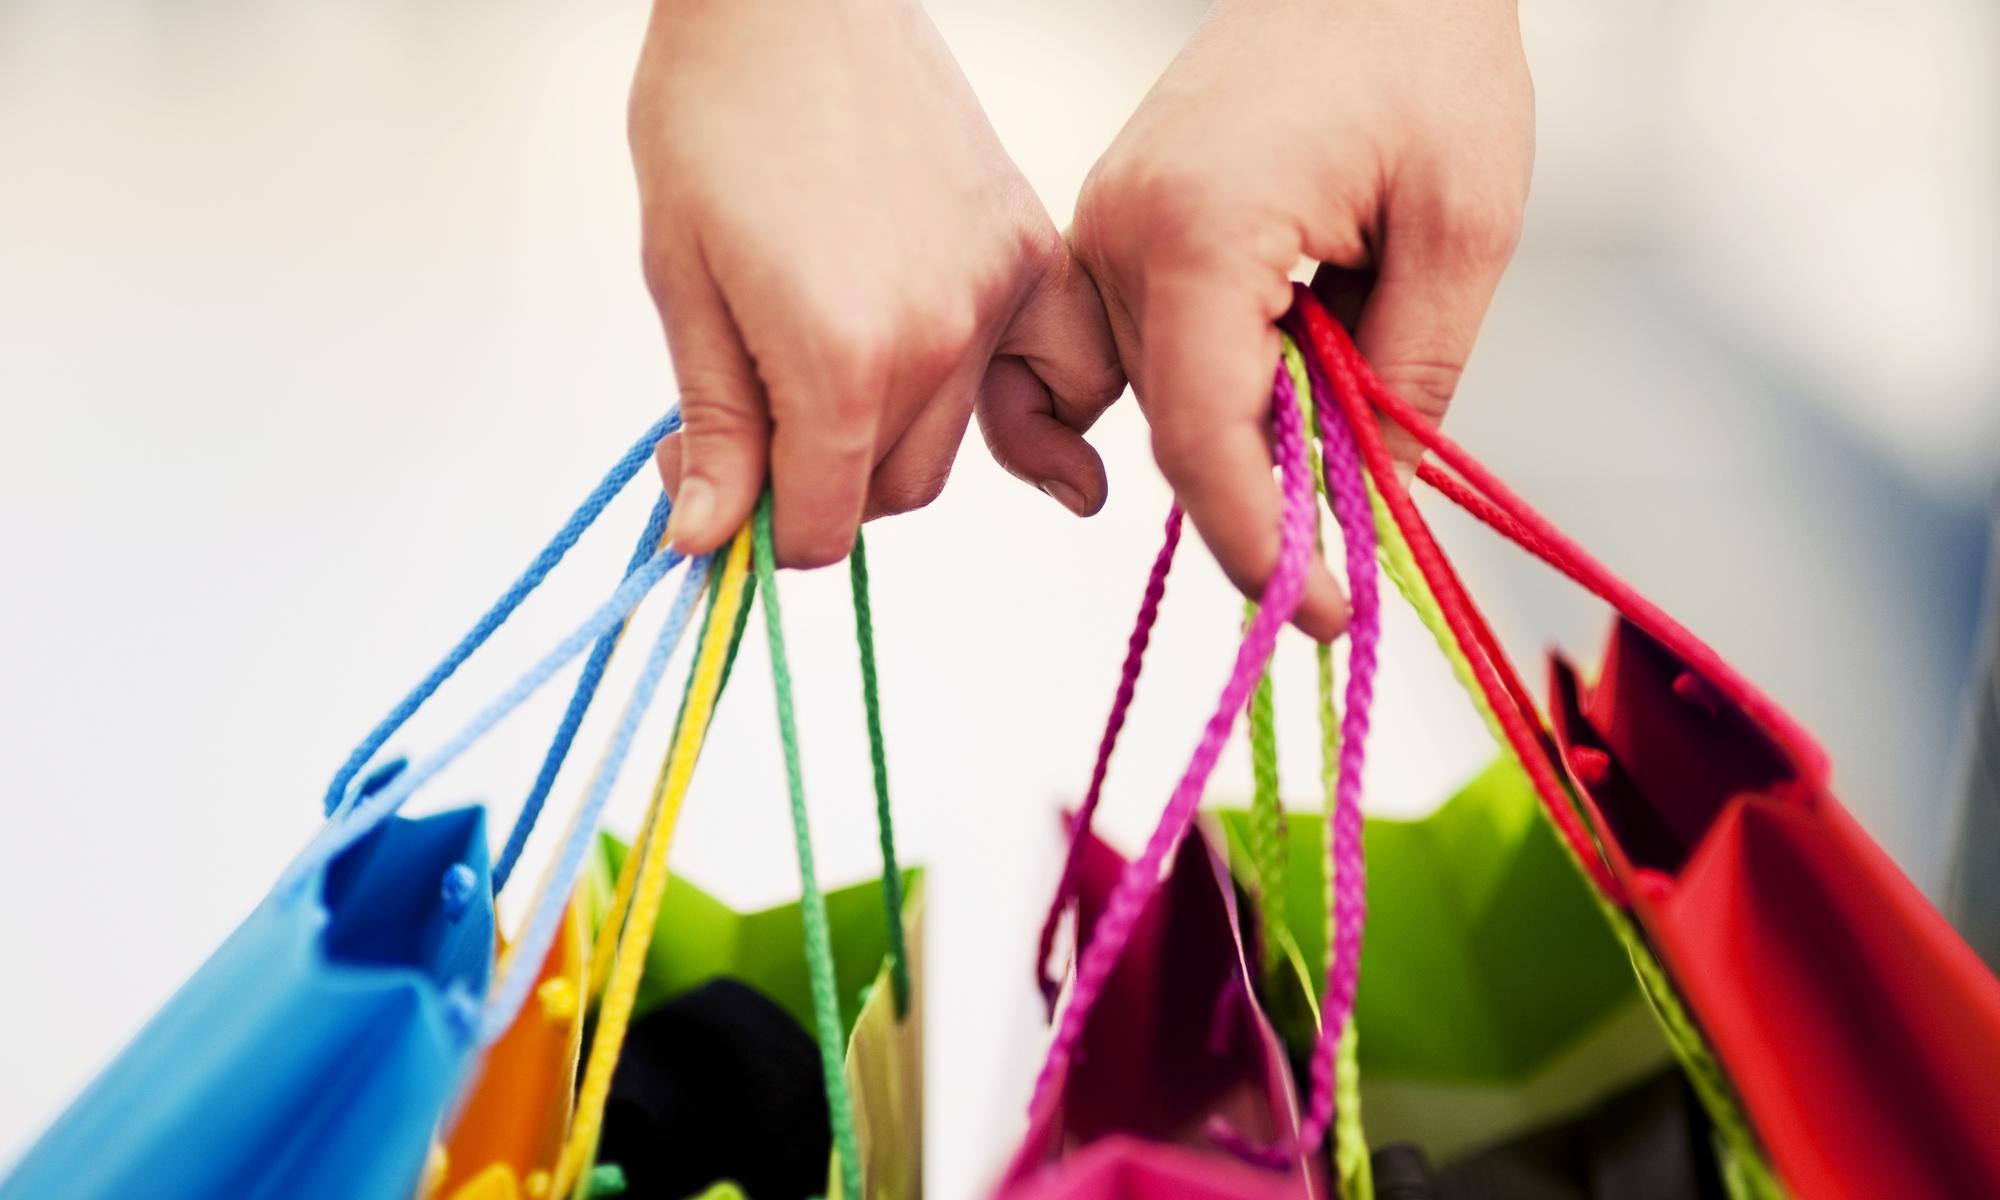 imagen de manos sujetando bolsas de compras